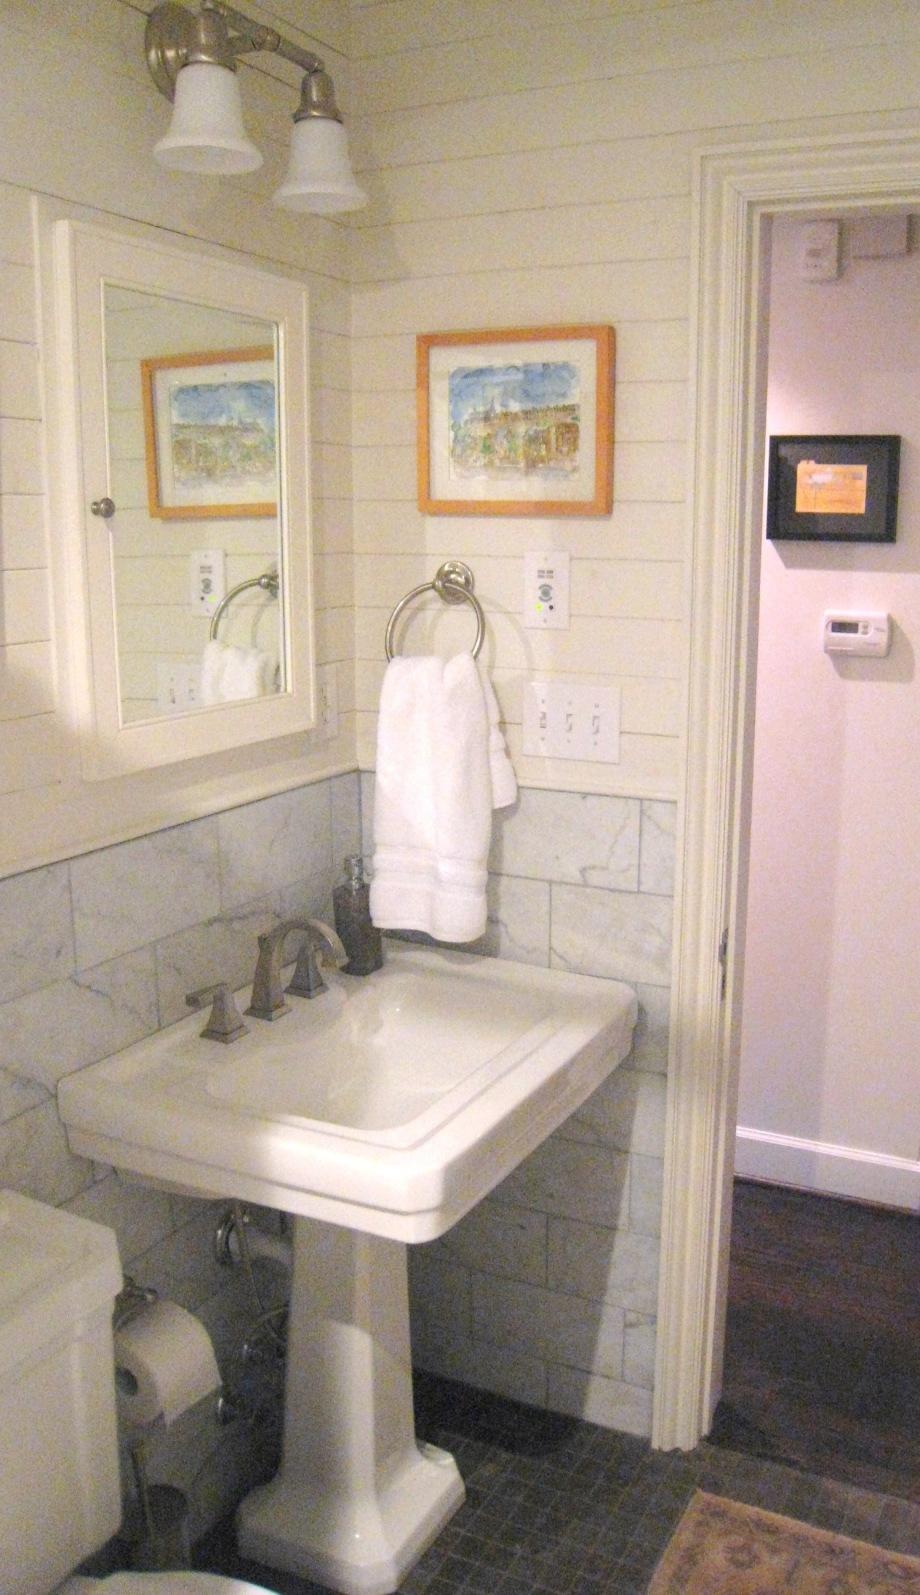 Doug S Bathroom Our Blog